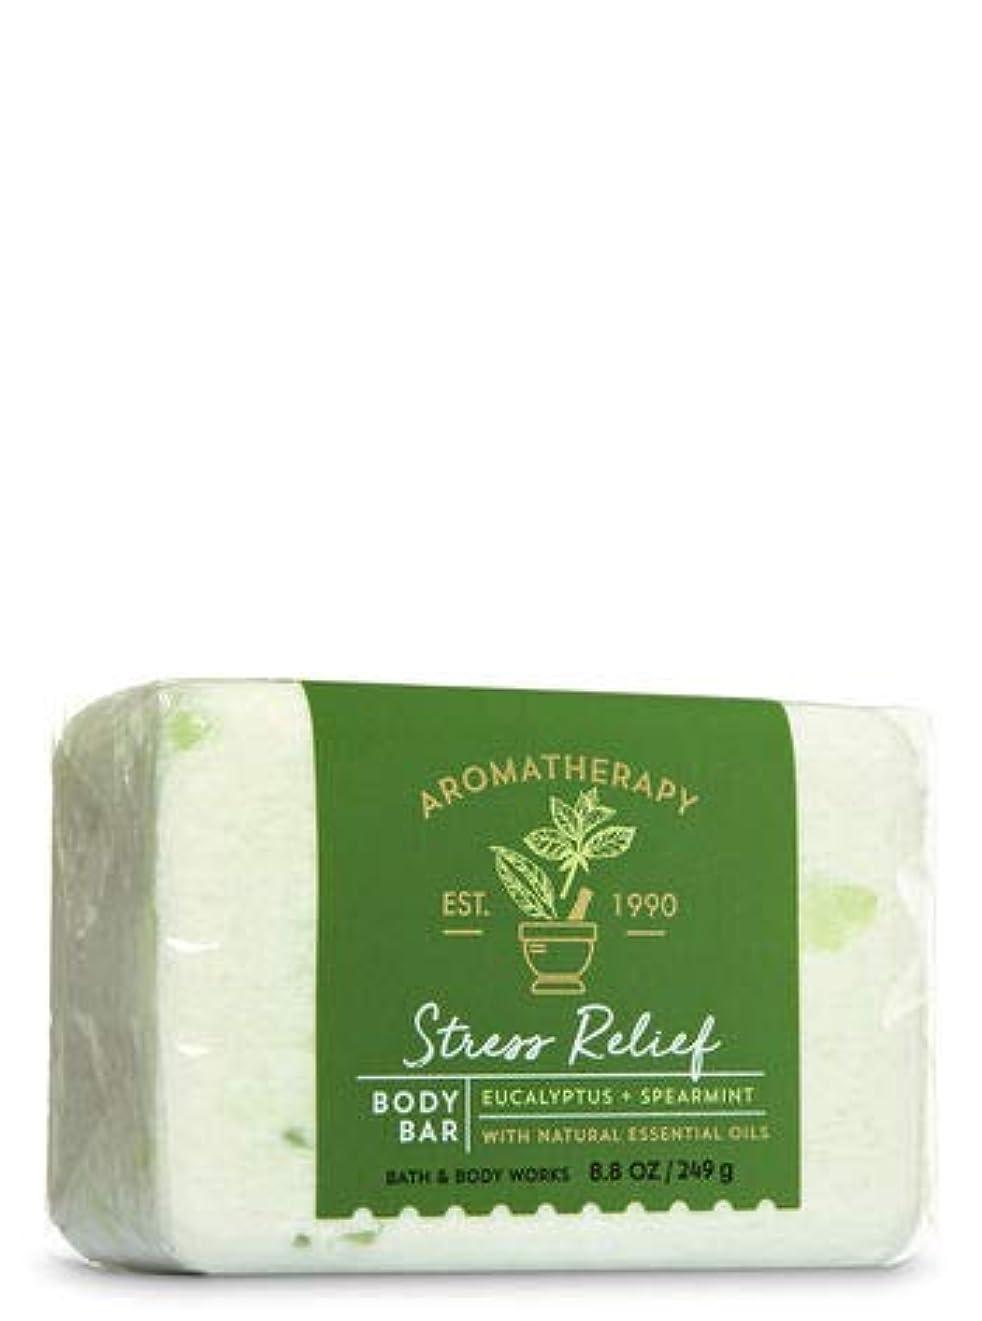 ポップジャンプ第五バス&ボディワークス アロマセラピー ストレスリリーフ ユーカリスペアミント ボディバー(固形石鹸) STRESS RELIEF Eucalyptus Spearmint Body Bar [海外直送品]